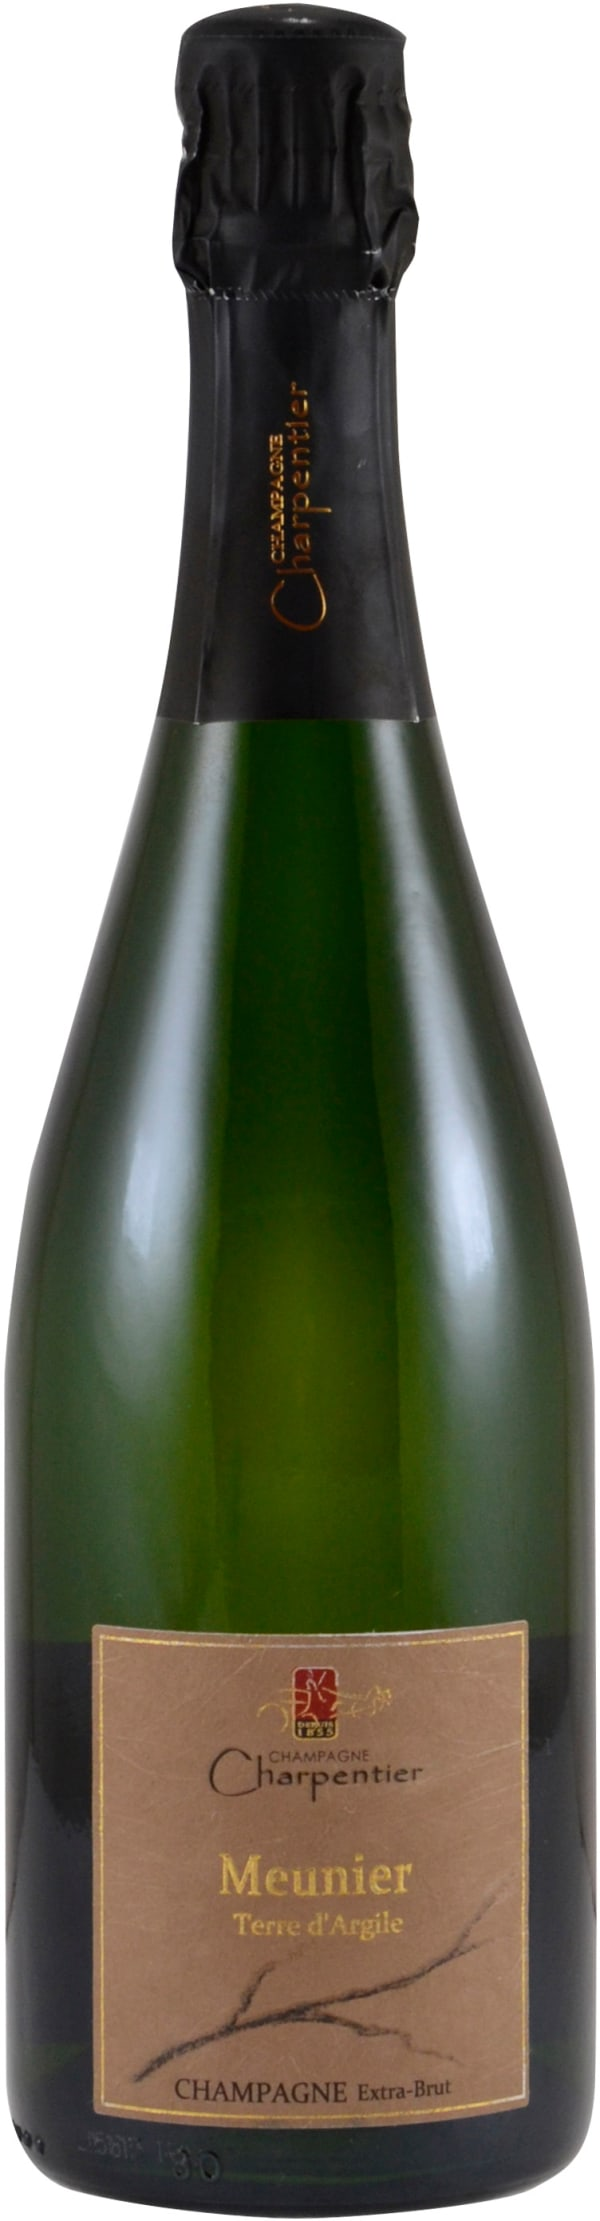 Charpentier Meunier Terre d'Argile Champagne Extra Brut